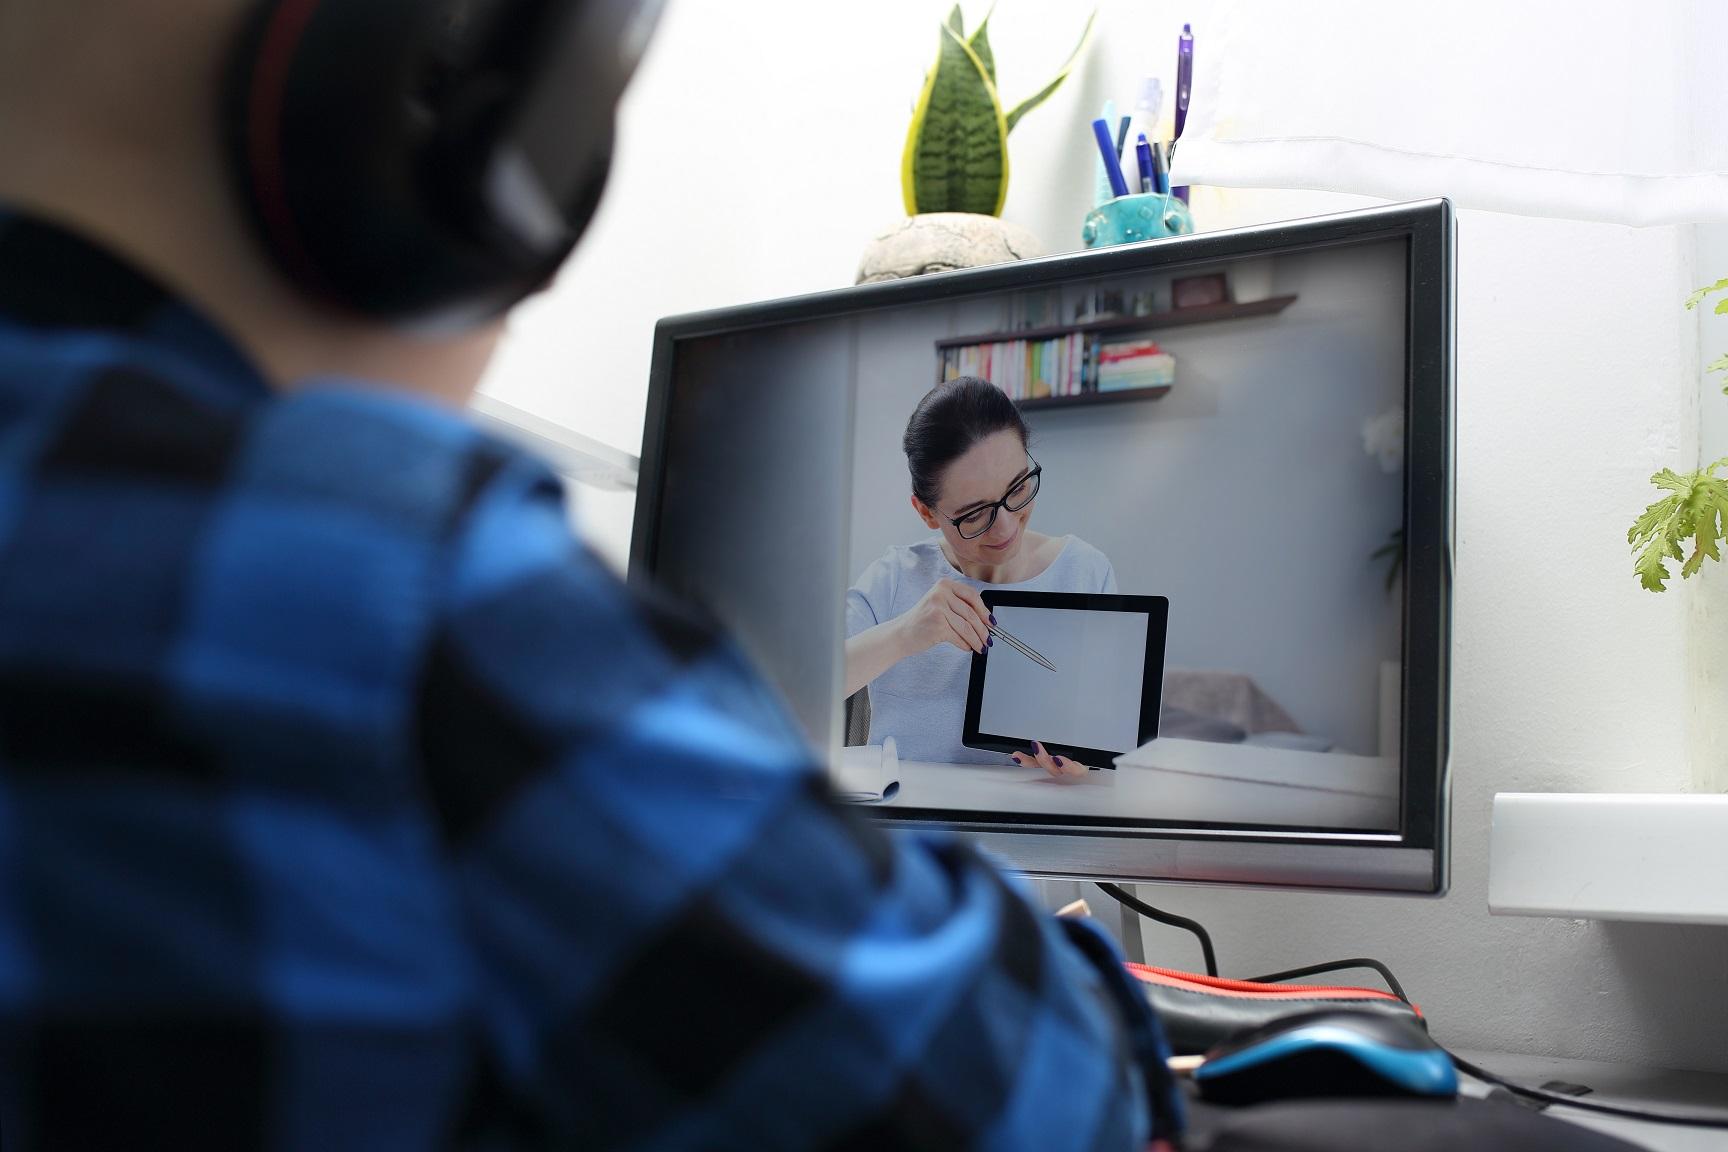 La UGR participa en un proyecto europeo de innovación educativa para la transformación digital y la cooperación académica virtual en humanidades